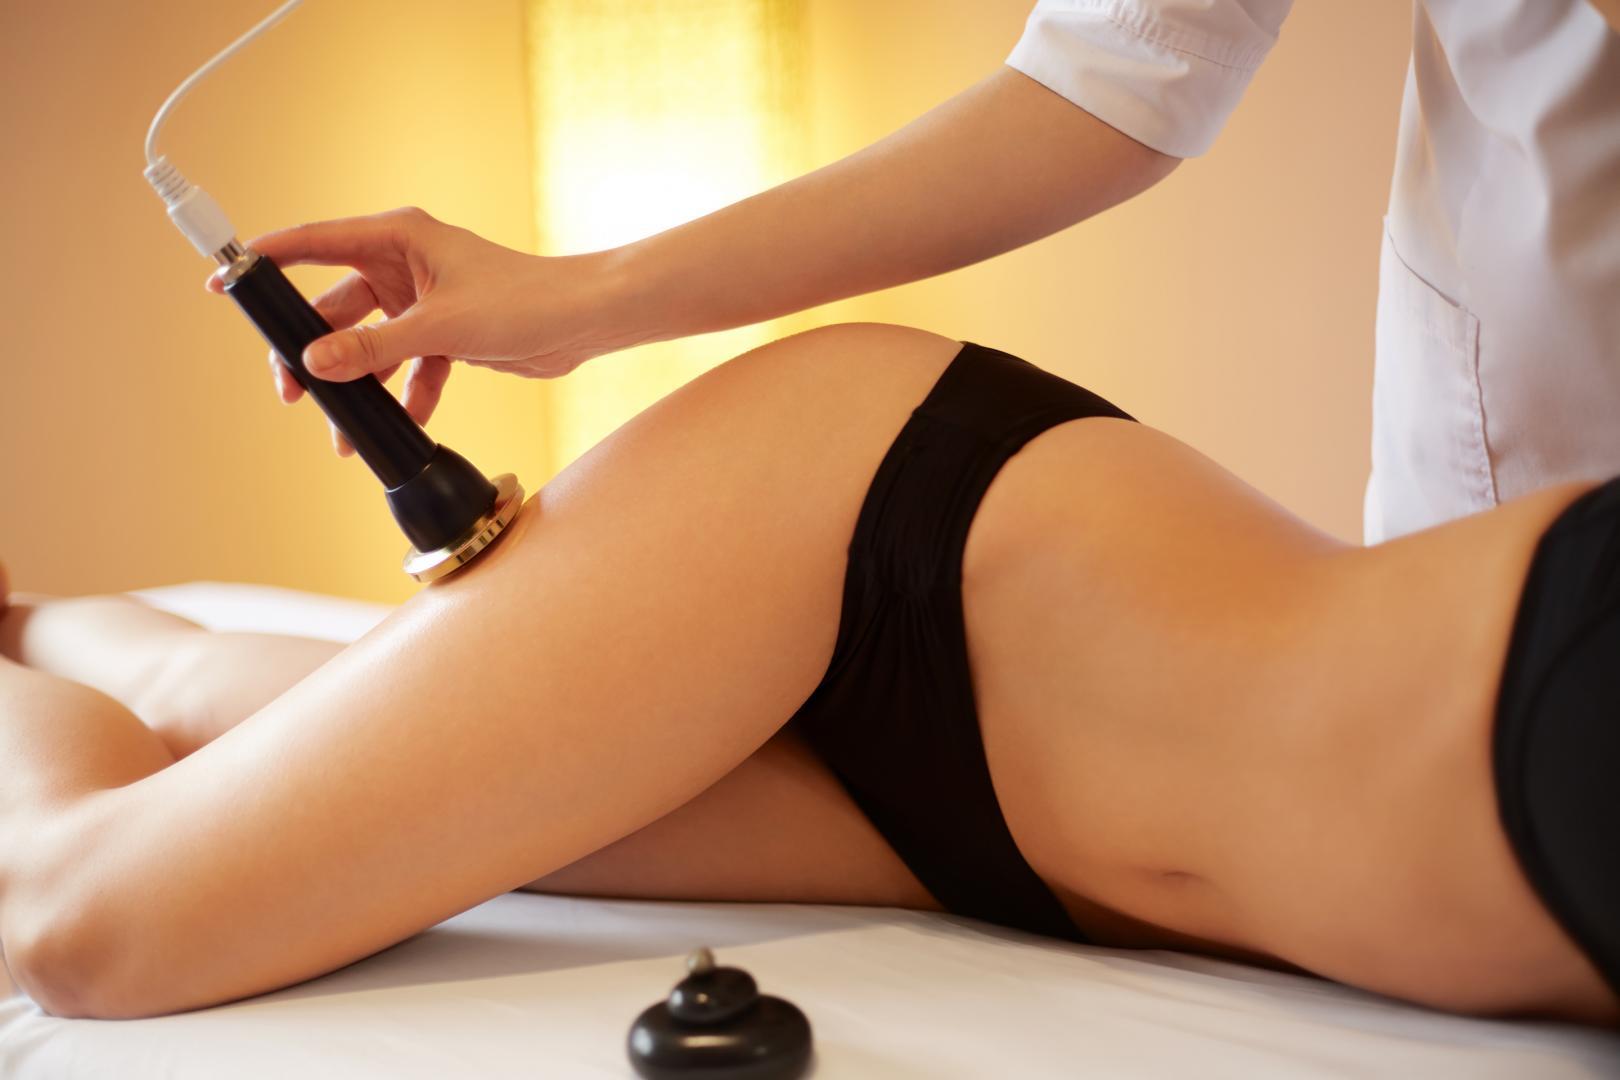 Ультразвуковая липосакция: отличный способ скинуть лишние килограммы или же вред здоровью